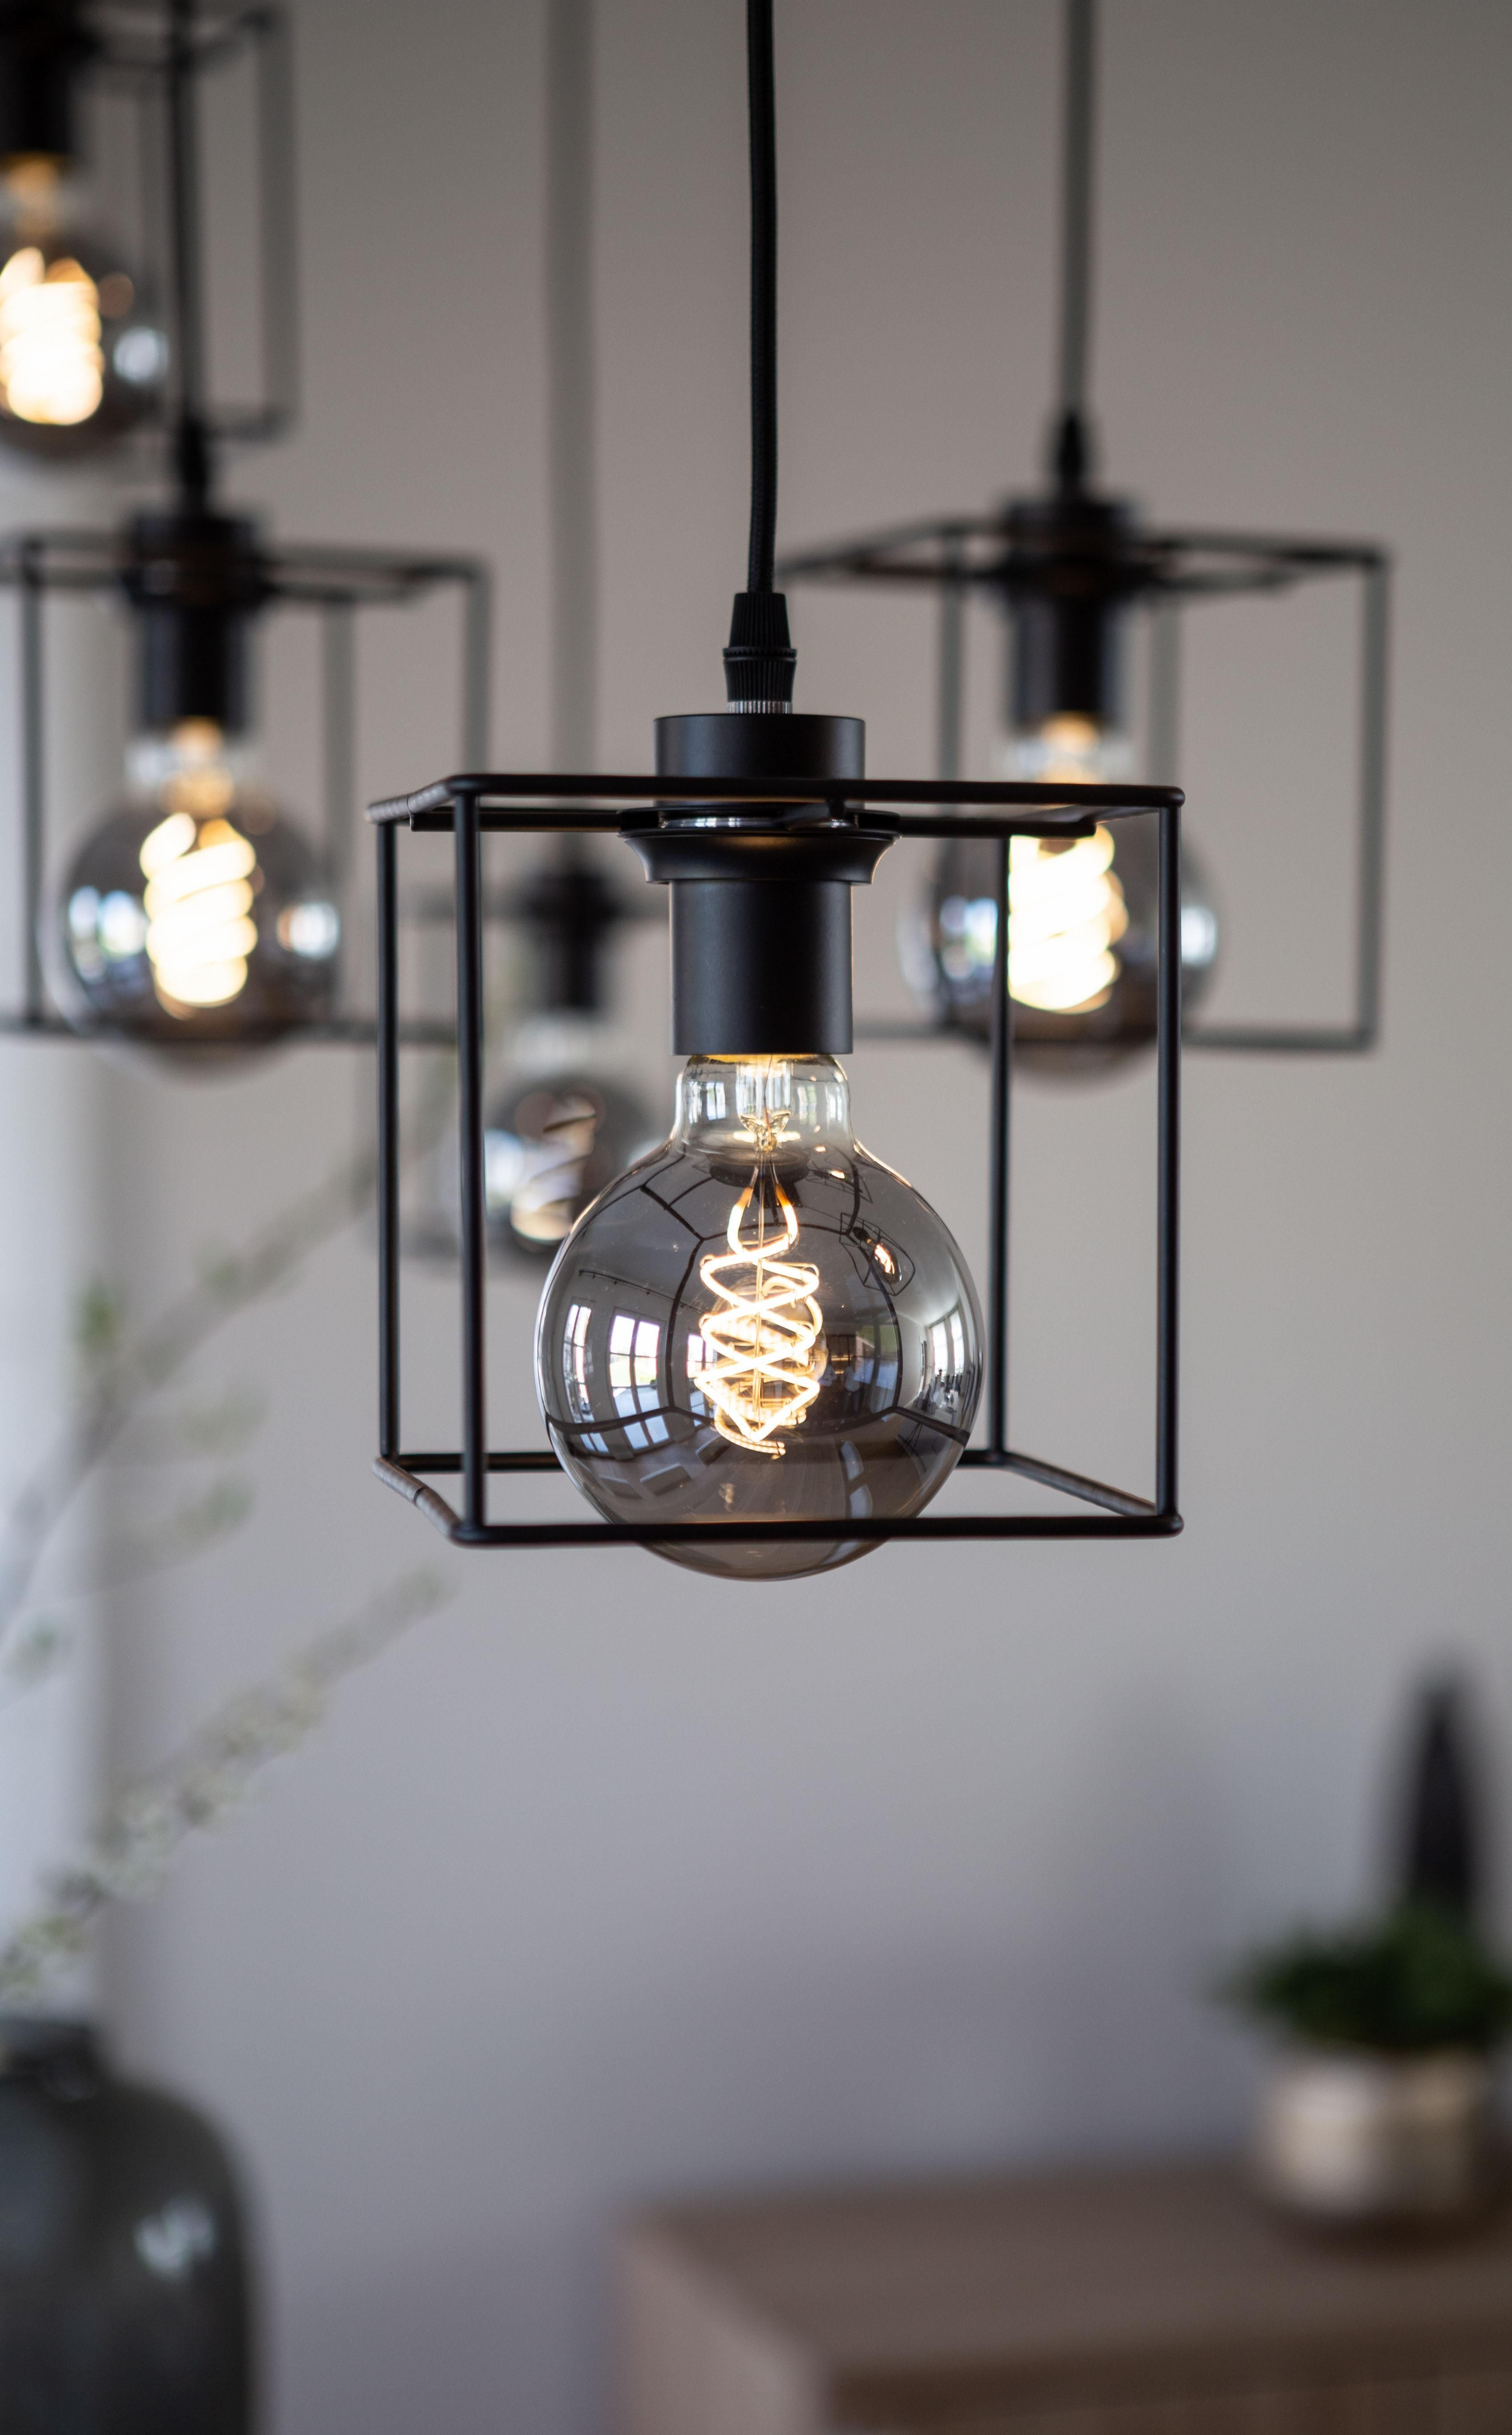 Hanglamp Noury Laat De Monden Van Al Je Gasten Openvallen Ook Al Is Dat Eigenlijk Heel Onbeleefd Aan Tafel Ze Is Hanglamp Eettafel Verlichting Verlichting